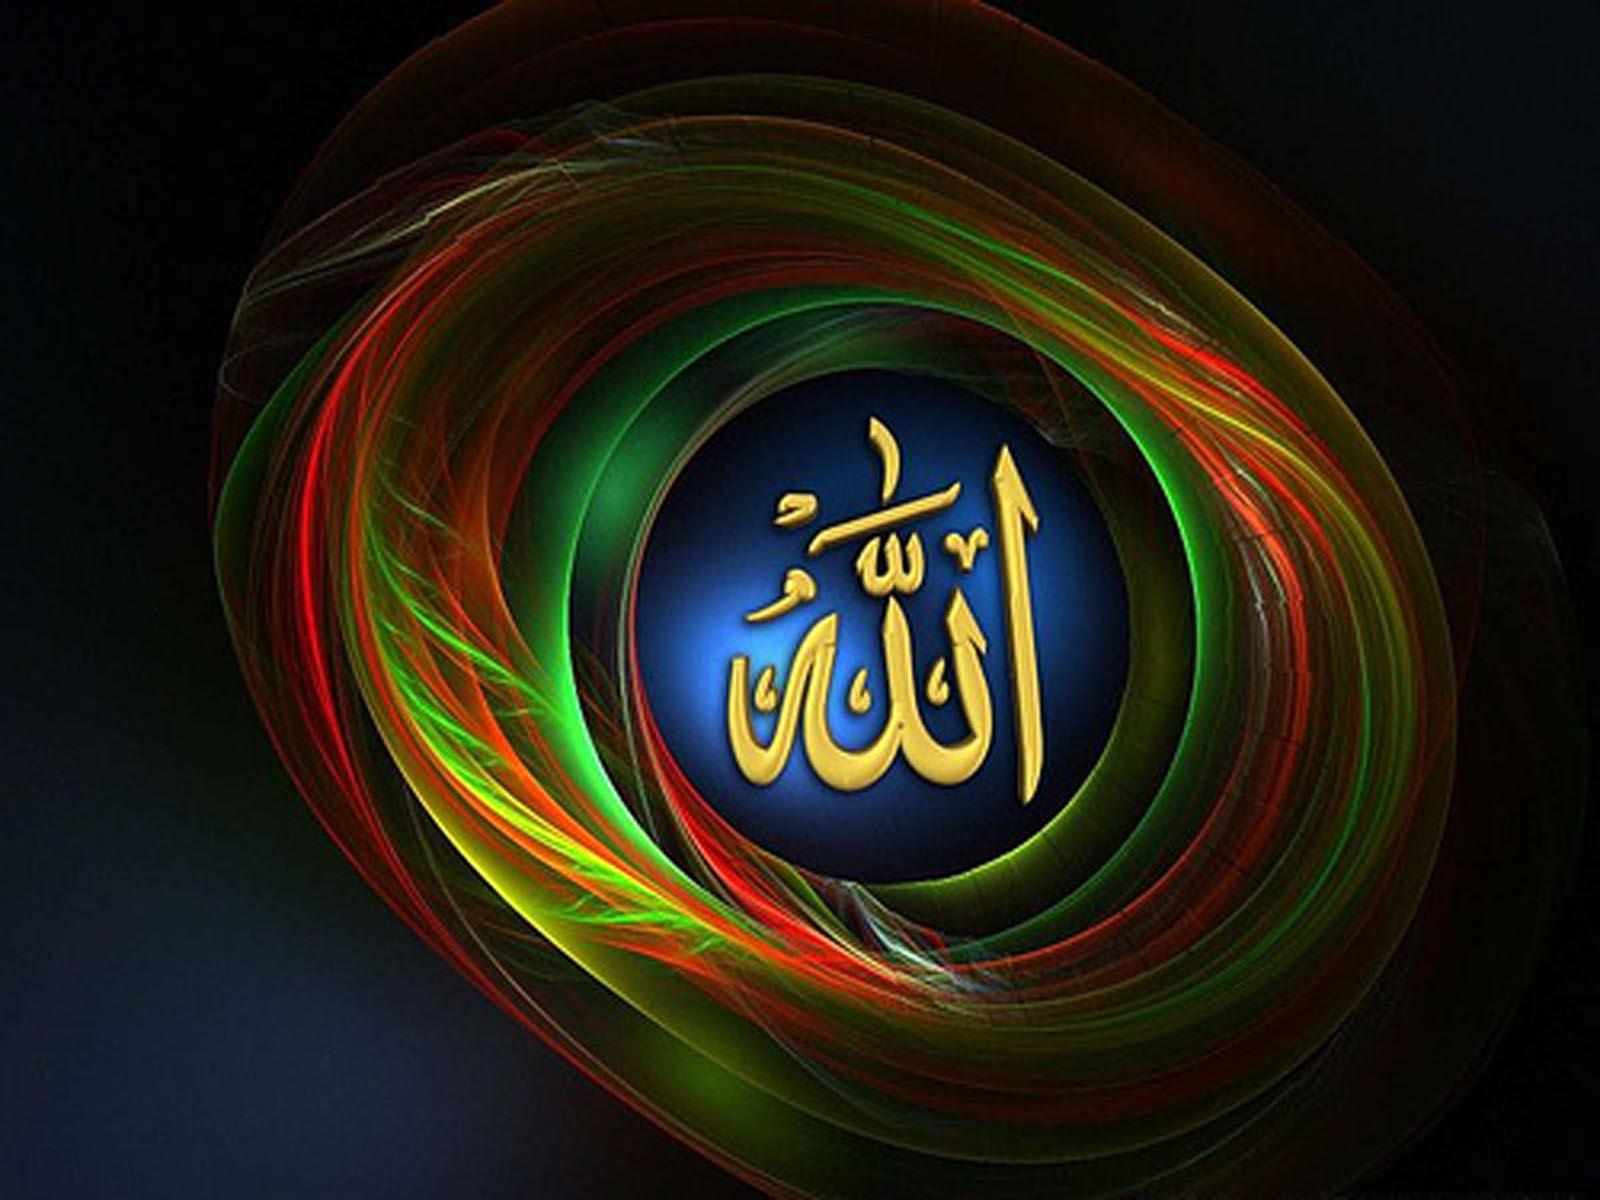 allah name wallpaper 6 allah name wallpaper 7 allah name wallpaper 8 1600x1200